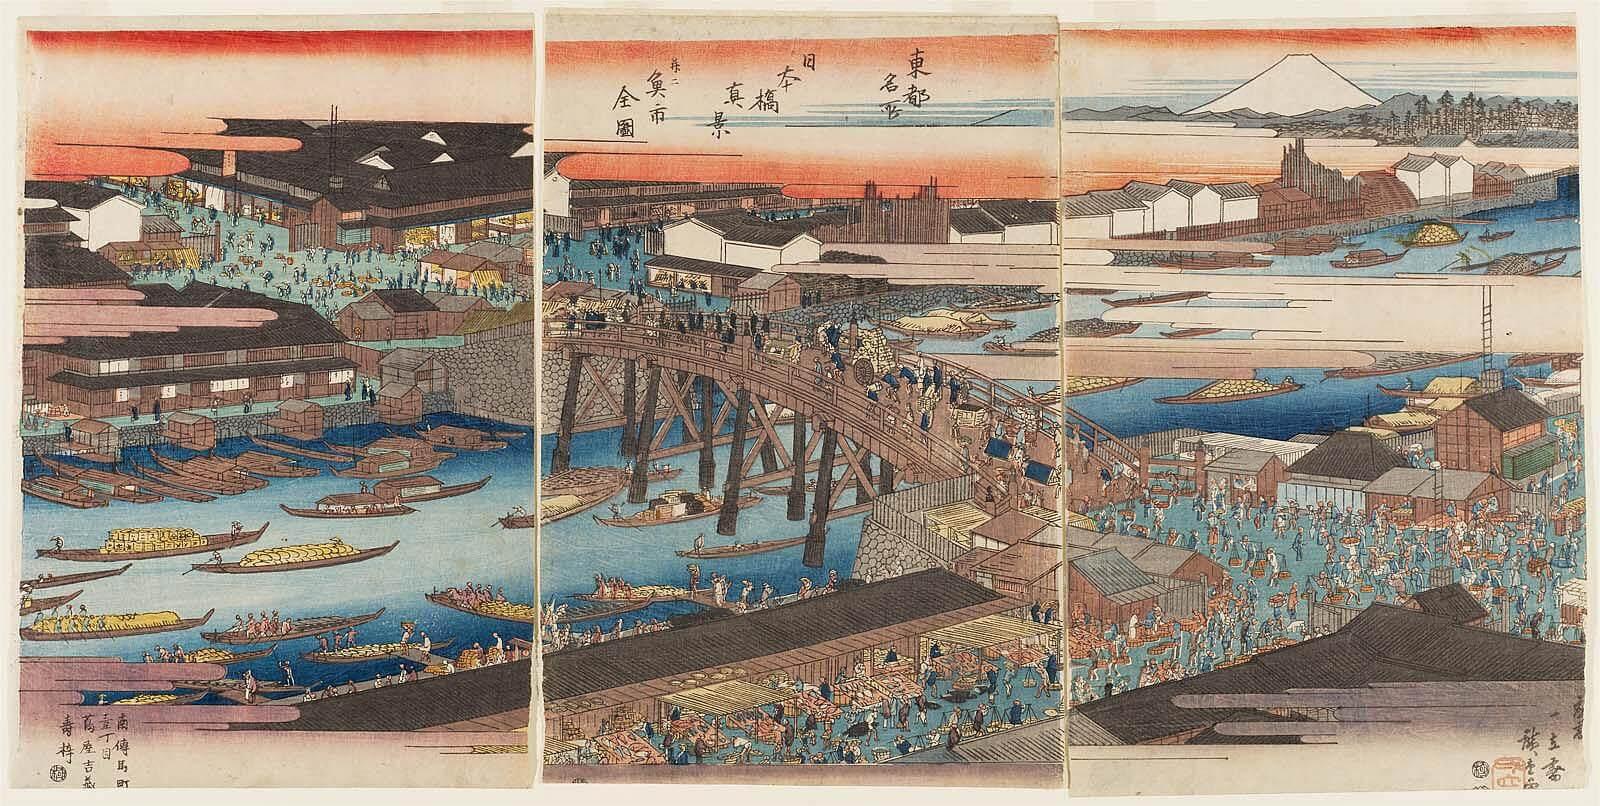 歌川広重『東都名所 日本橋真景并に(ならびに)魚市全図』